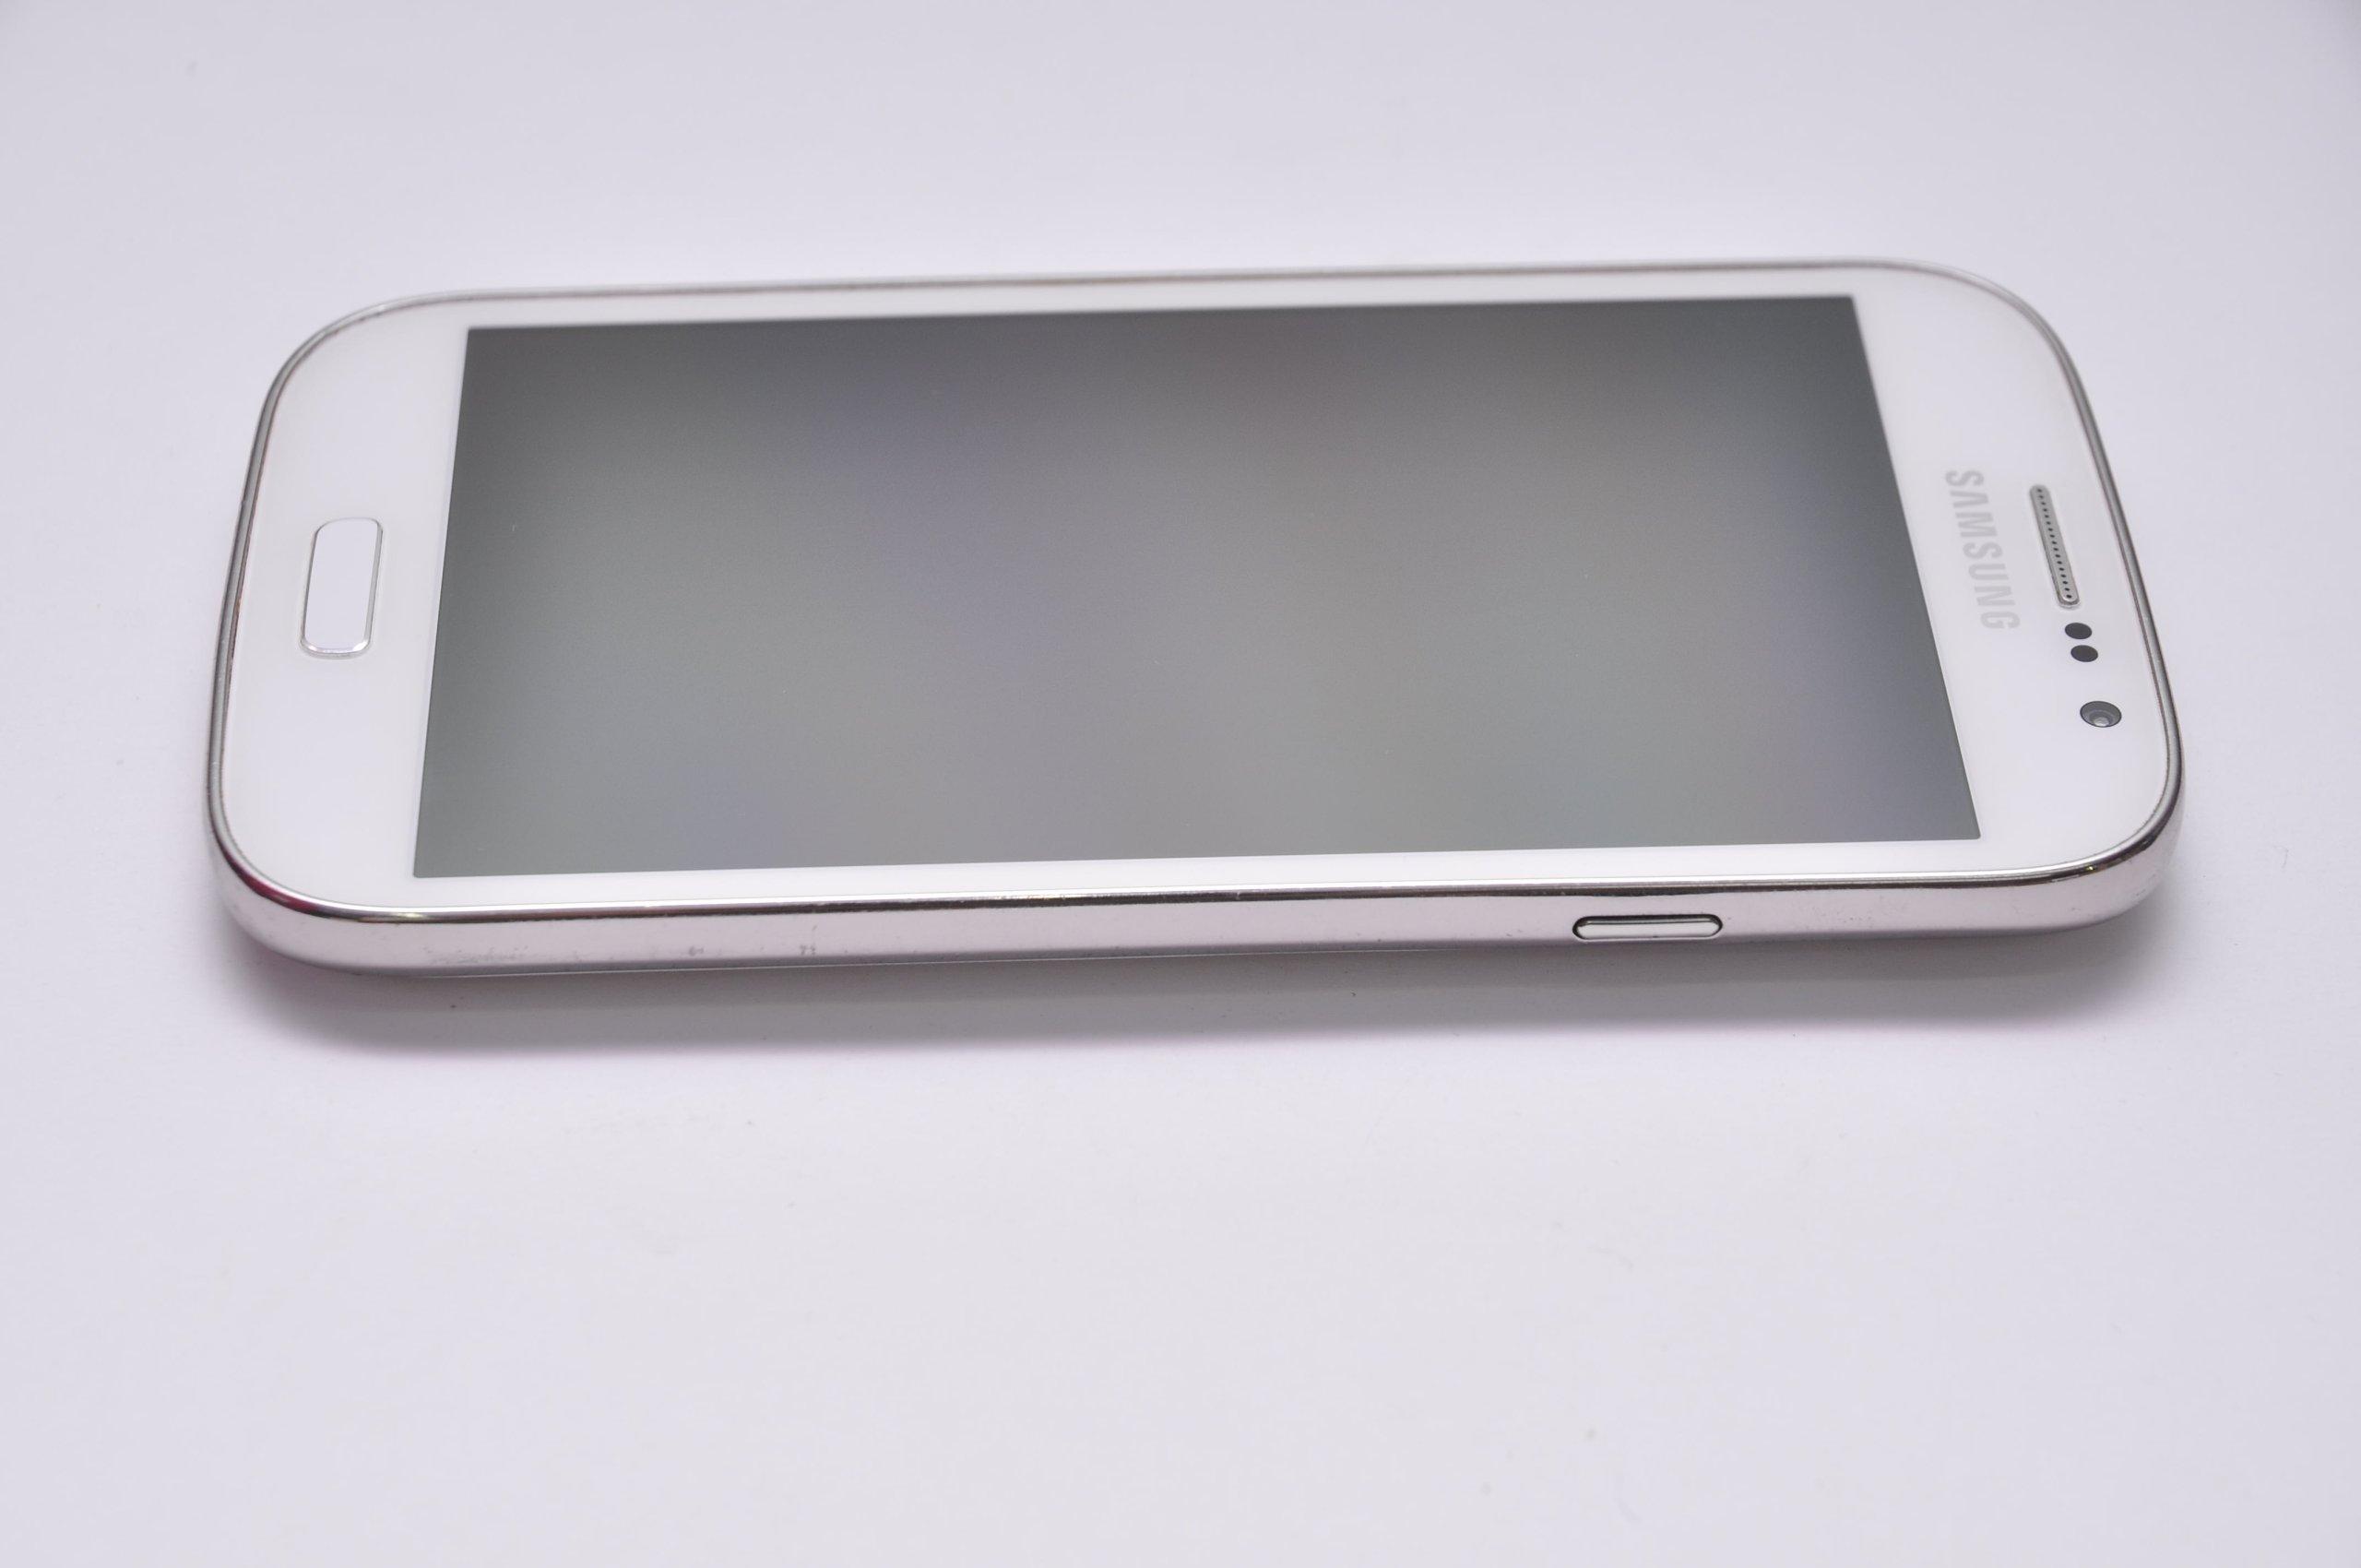 Samsung Galaxy GRAND NEO PLUS BIAŁY IDEALNY GW 3MC